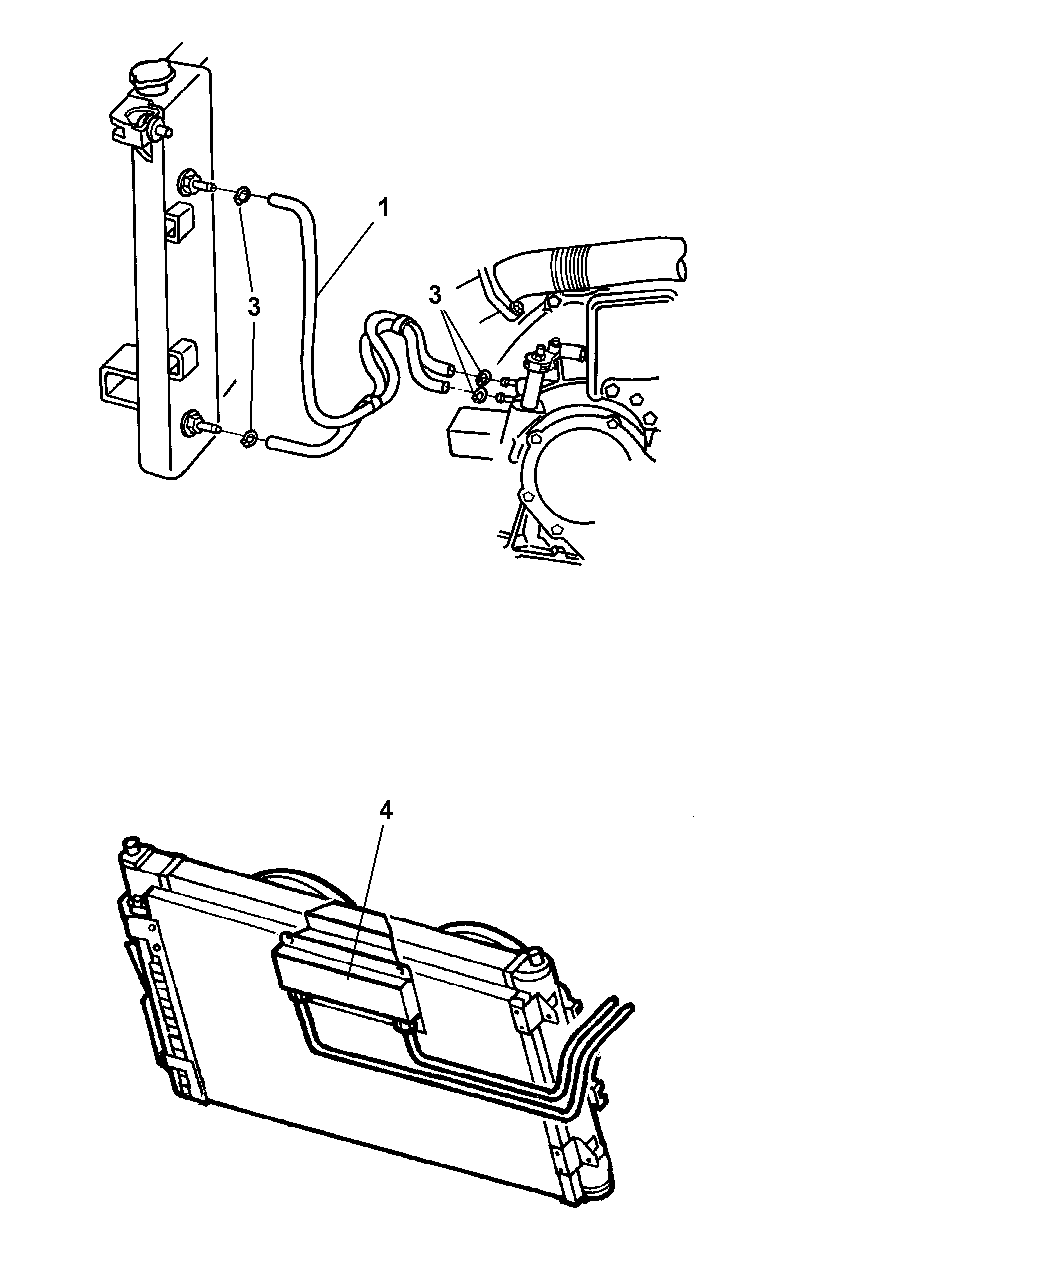 1999 Dodge Caravan Transmission Oil Cooler & Lines